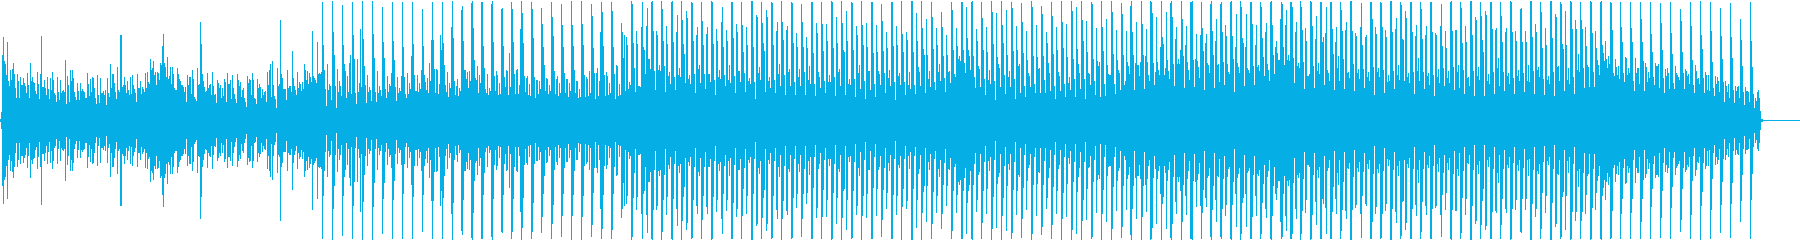 だんだん盛り上がるクールなダンスポップスの再生済みの波形